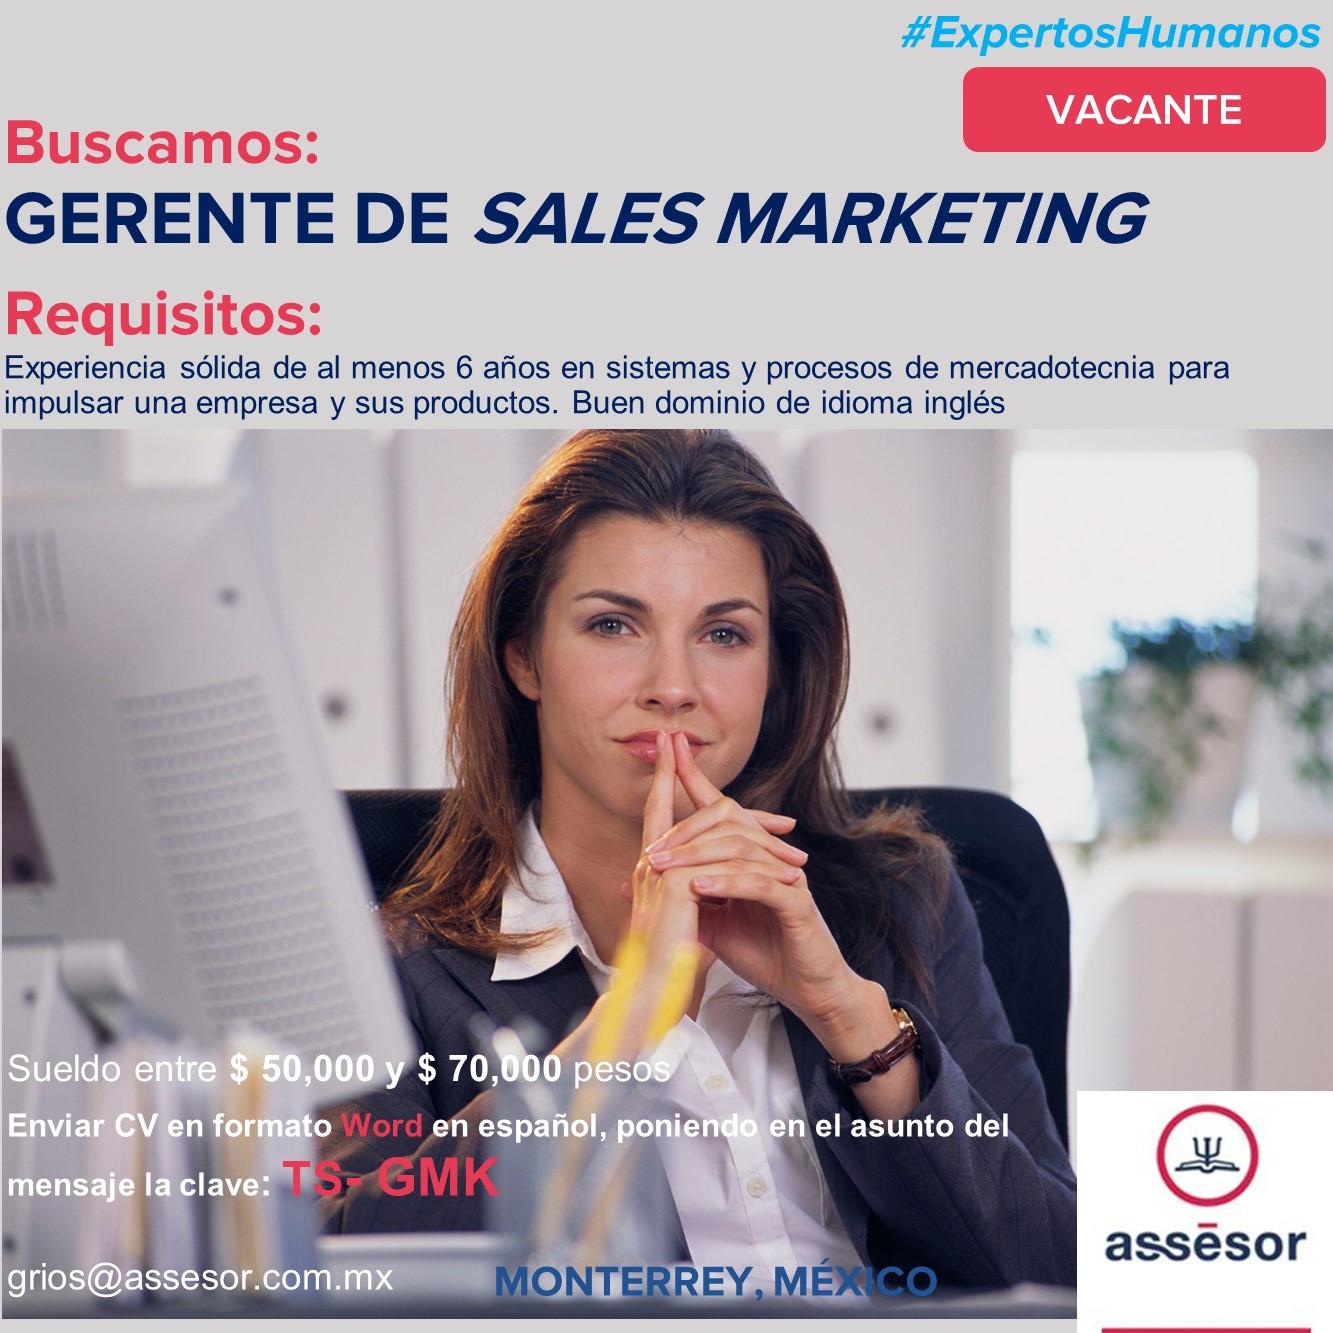 Gerente de Sales Marketing Ver  1.0.jpg